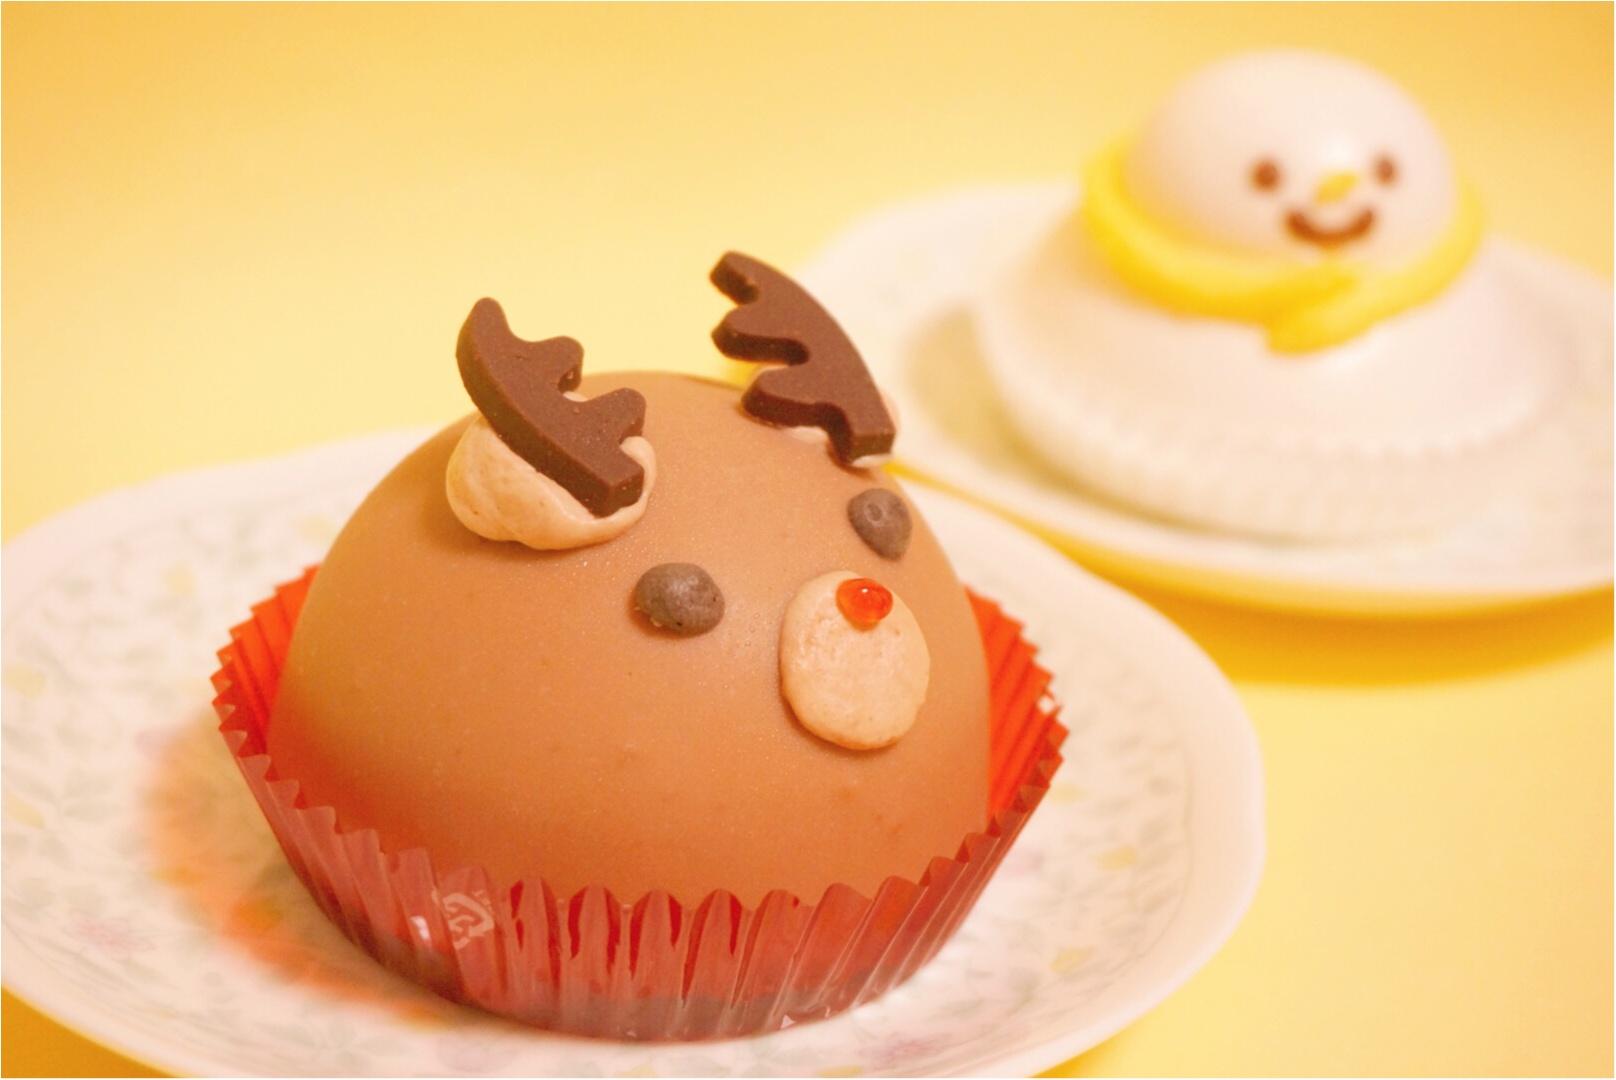 《カメラ必須‼︎》食べるのがもったいない‼︎セブンイレブンのトナカイ&雪の子ケーキが可愛すぎるっ♡_1